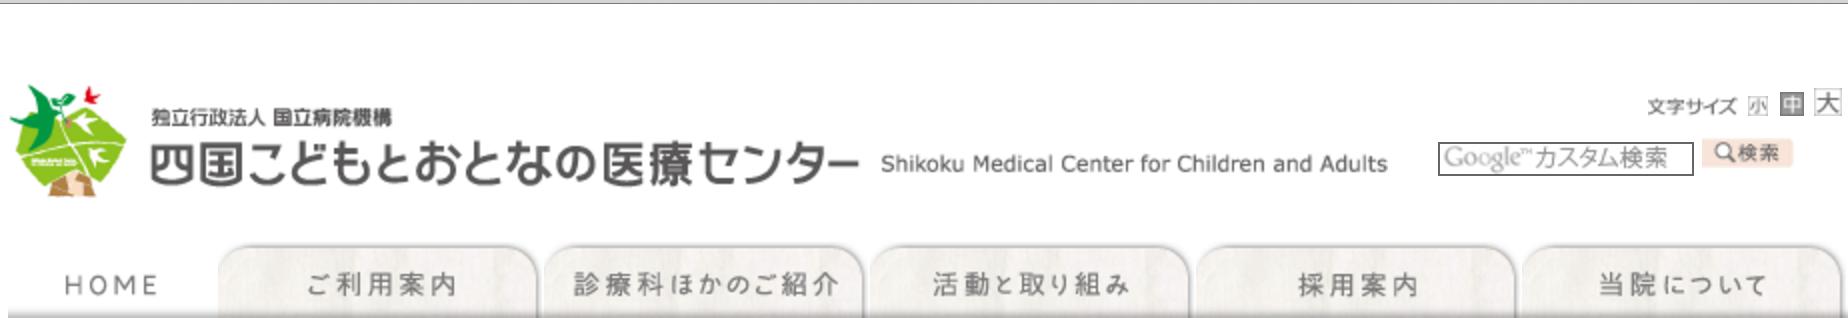 国立病院機構四国こどもとおとなの医療センター